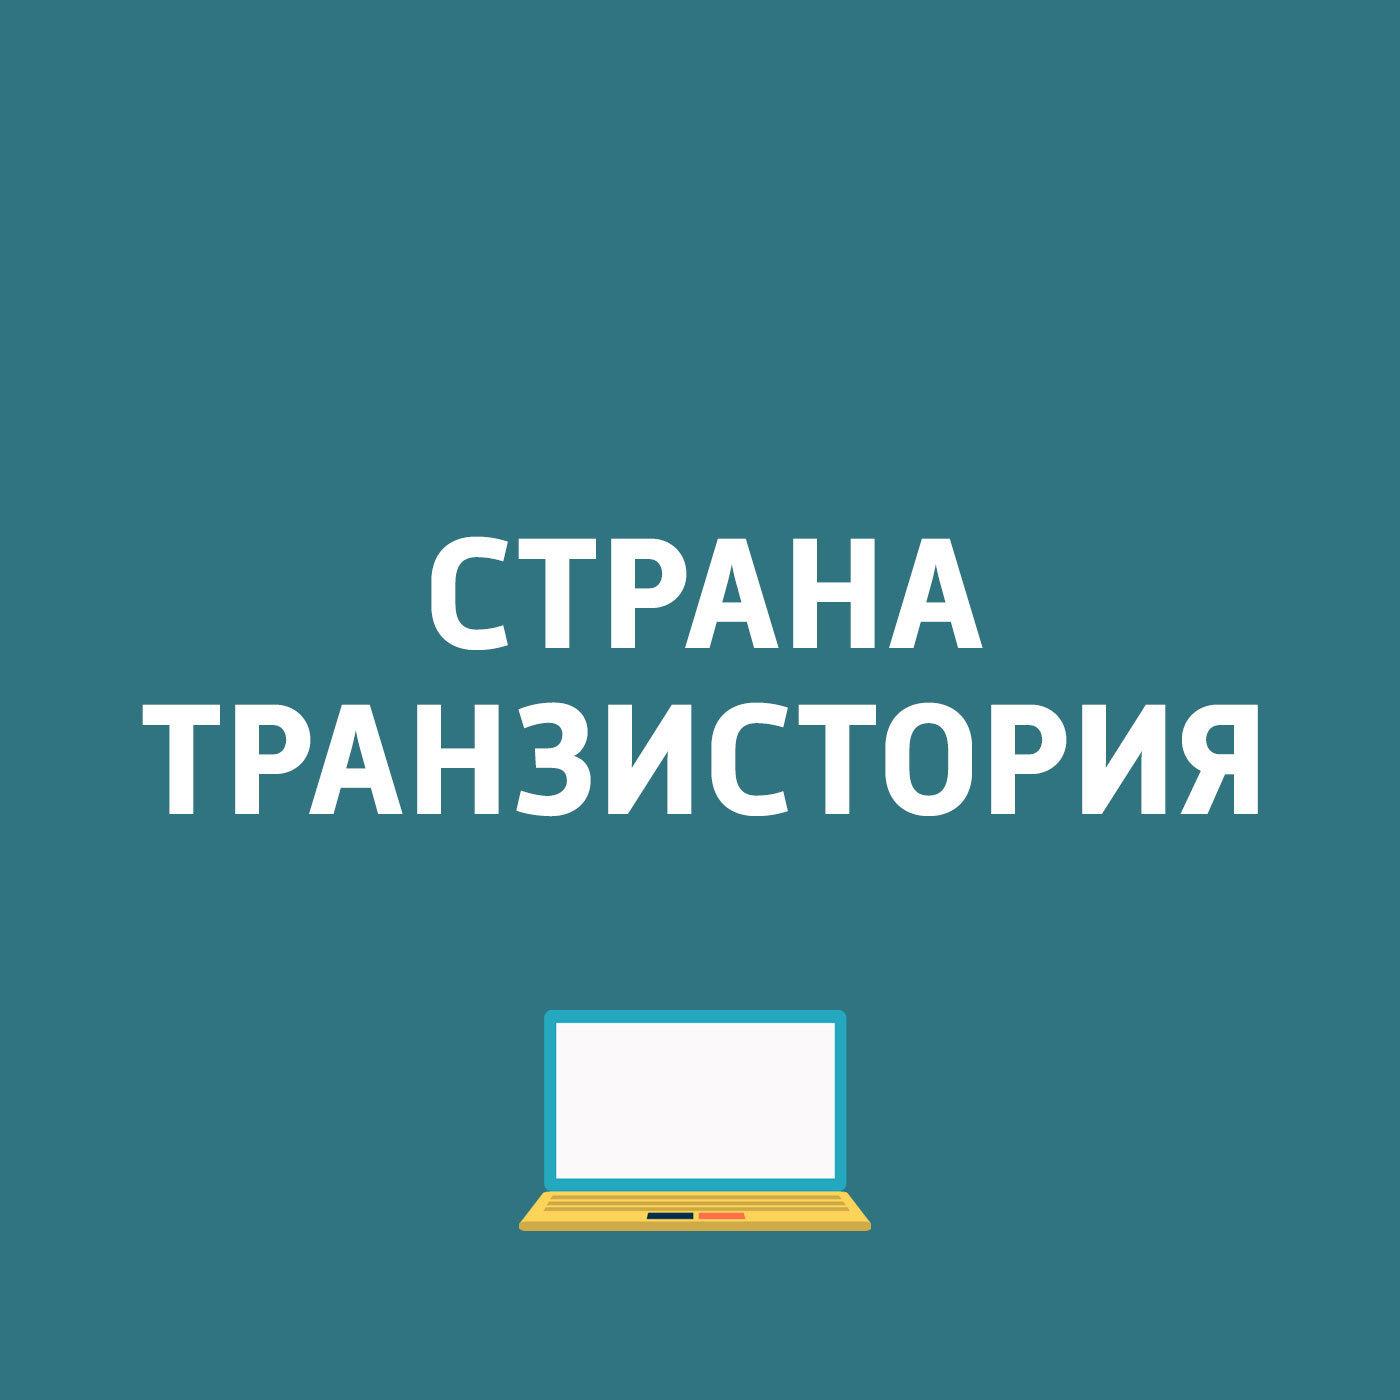 Картаев Павел Тестирование Huawei P9; о портале электронных услуг... нейросеть